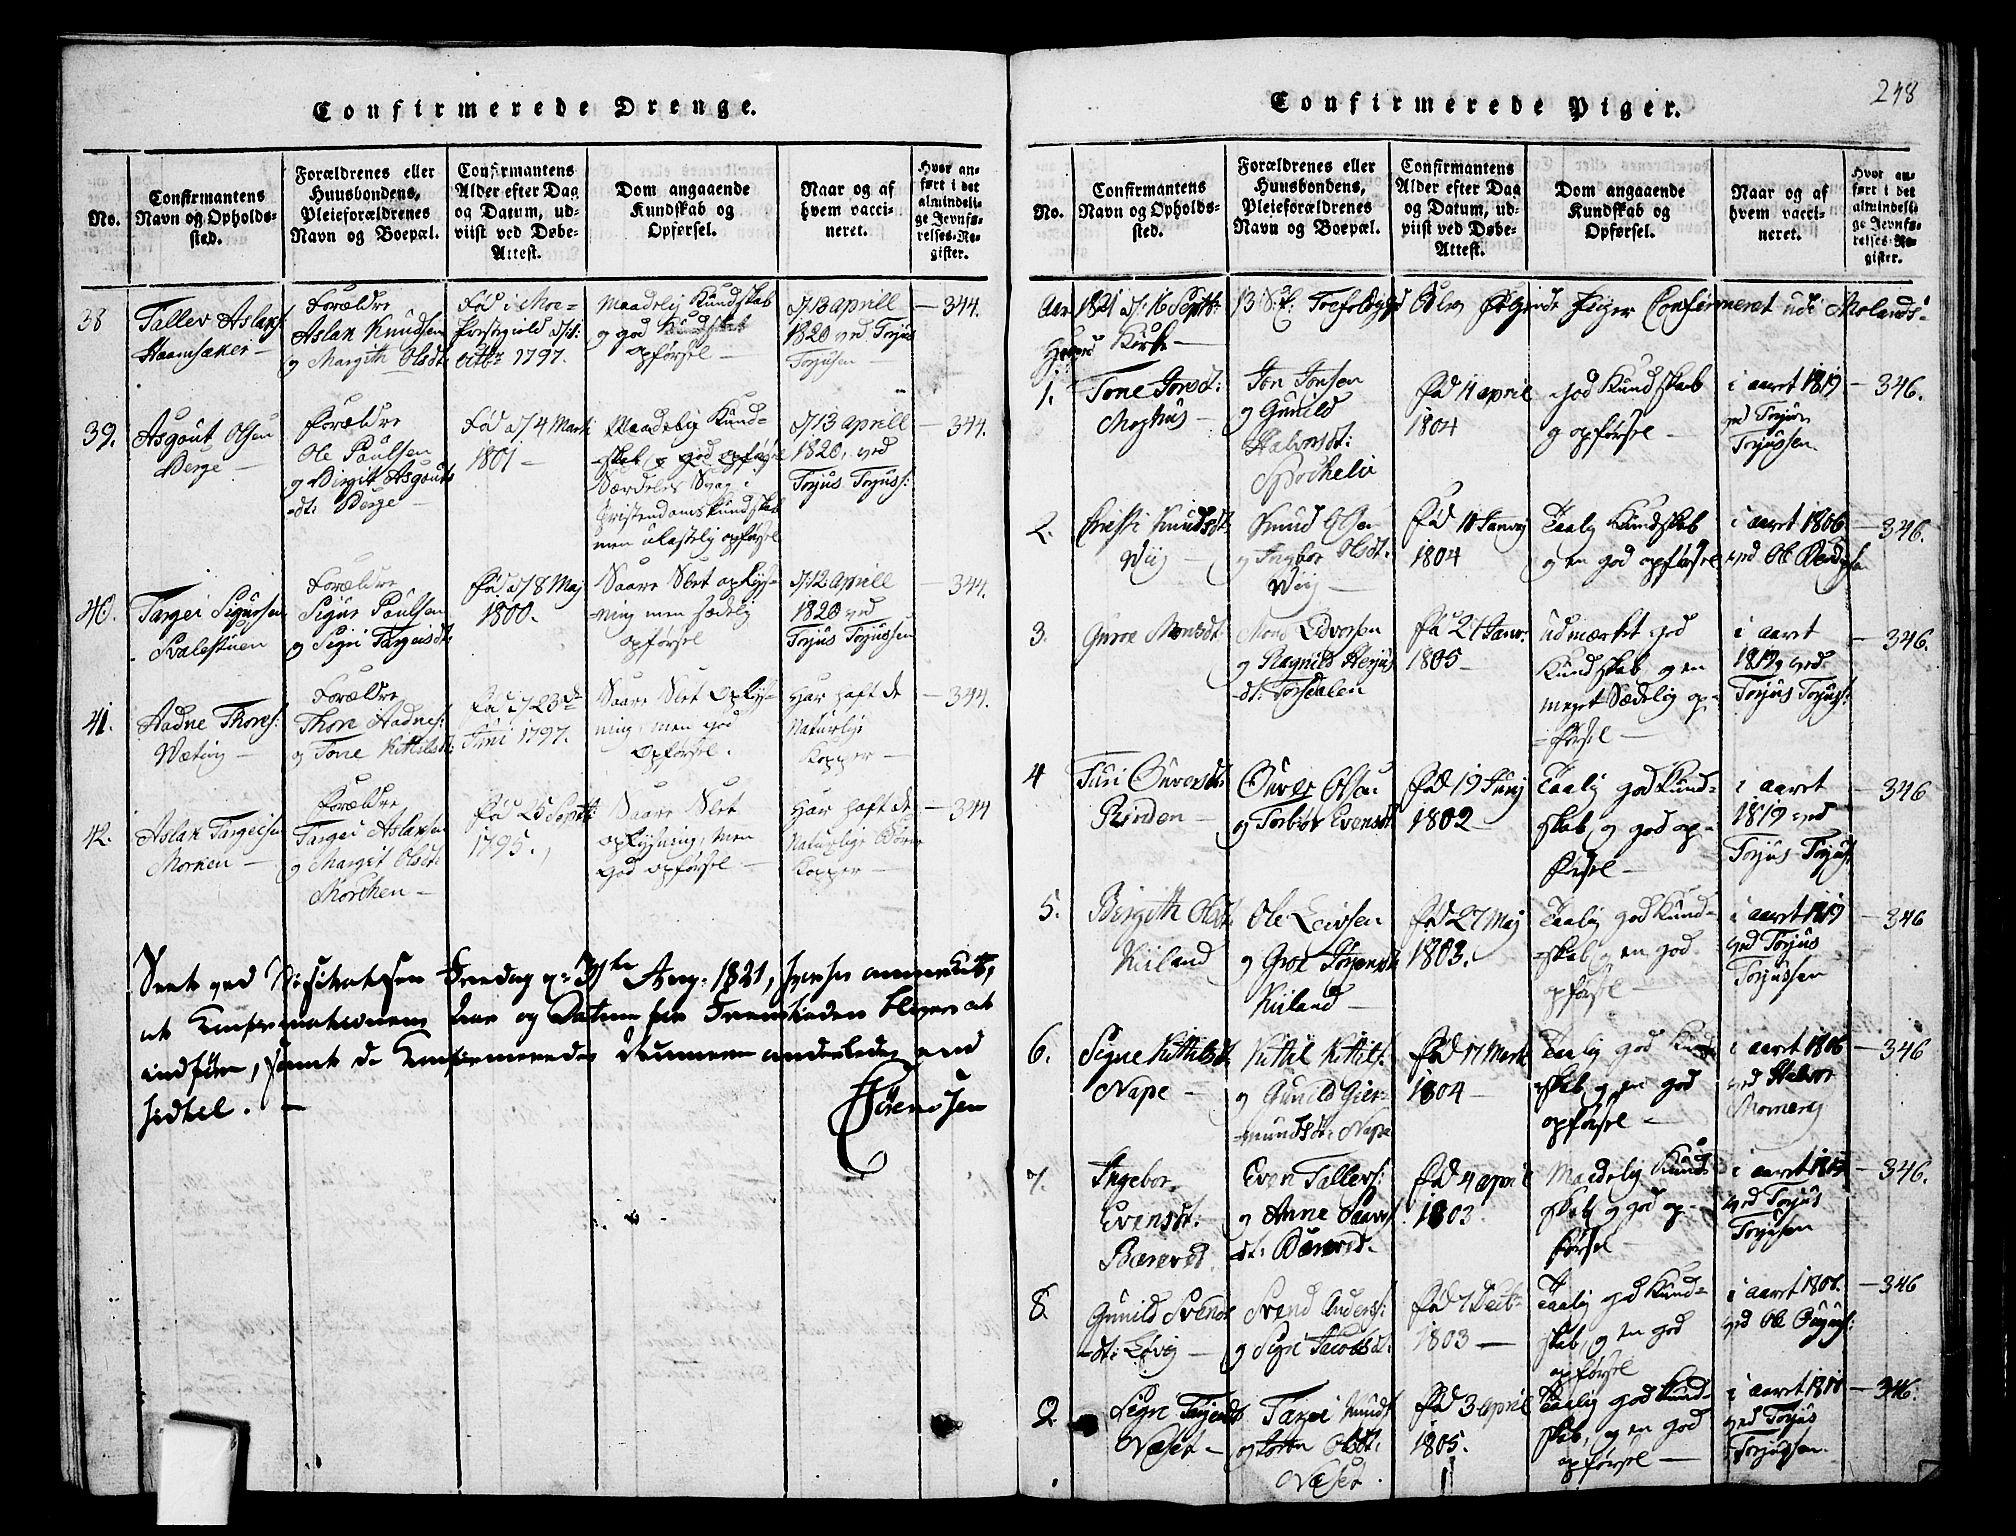 SAKO, Fyresdal kirkebøker, G/Ga/L0001: Klokkerbok nr. I 1, 1816-1840, s. 248